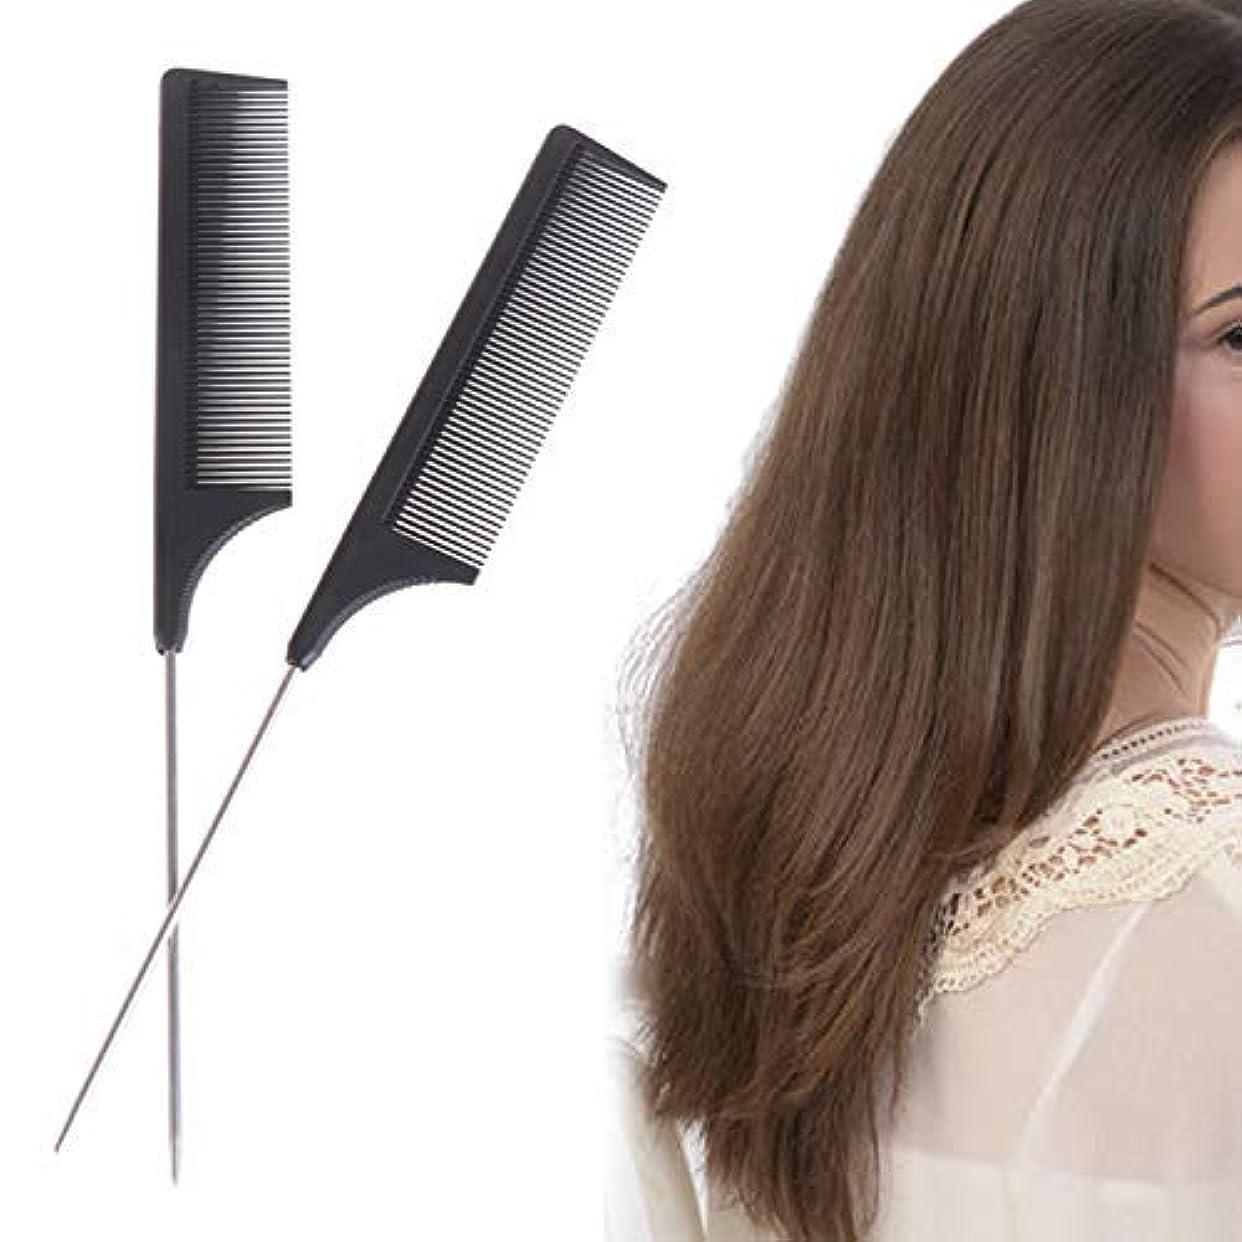 ボートジュニアルーフ2 Pieces Comb Black Tail Styling Comb Chemical Heat Resistant Teasing Comb Carbon Fiber Hair Styling Combs for...